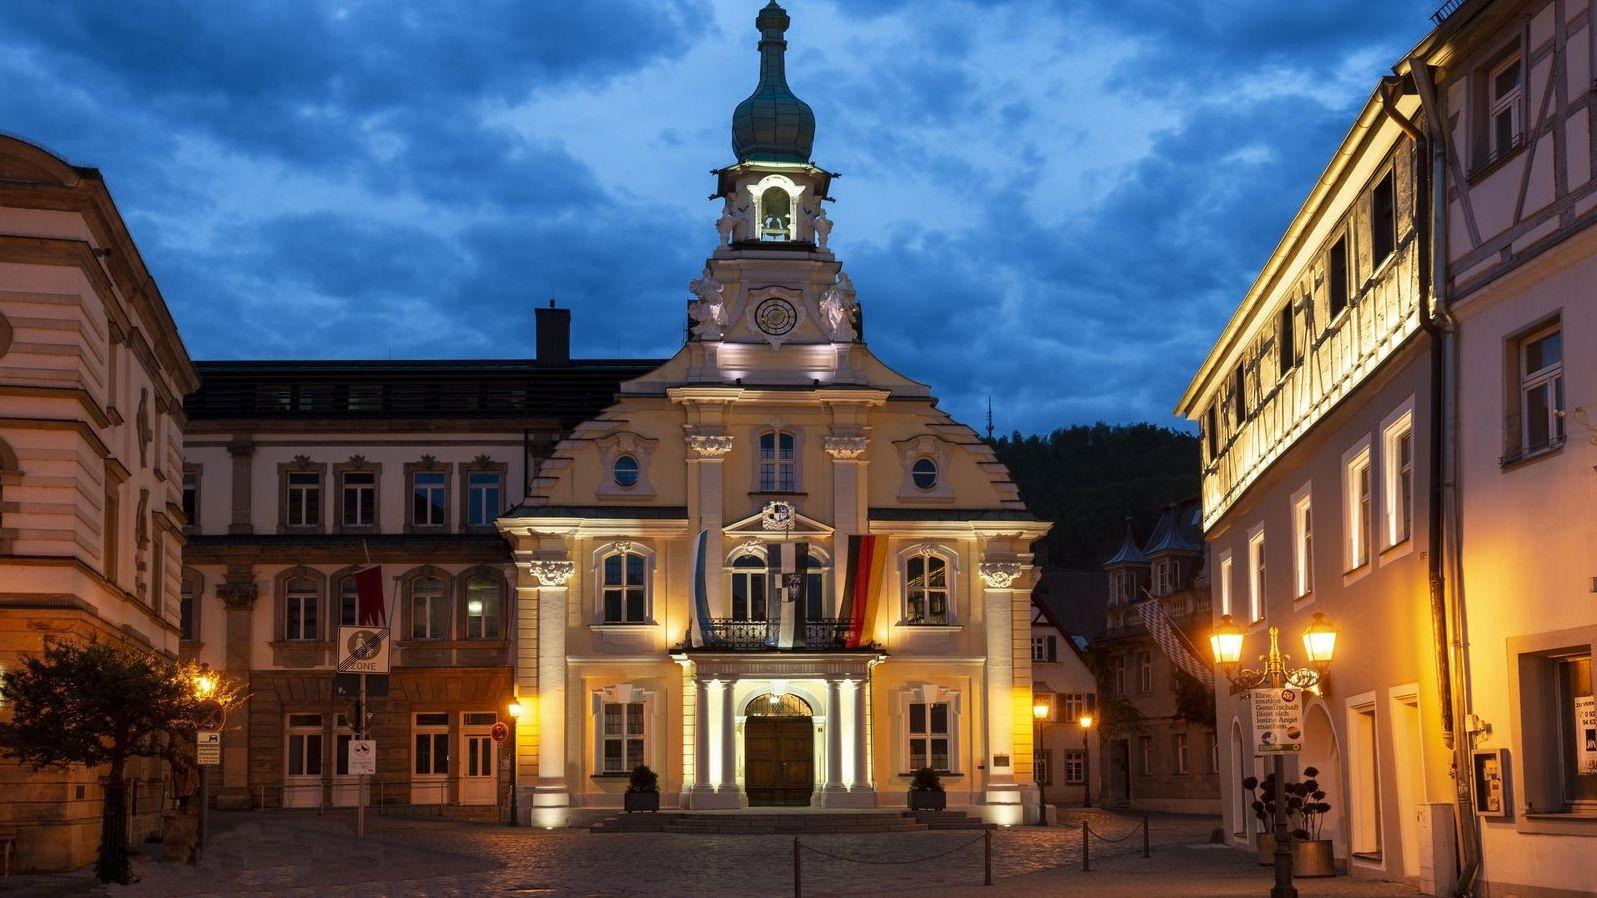 Das Rathaus in Kulmbach